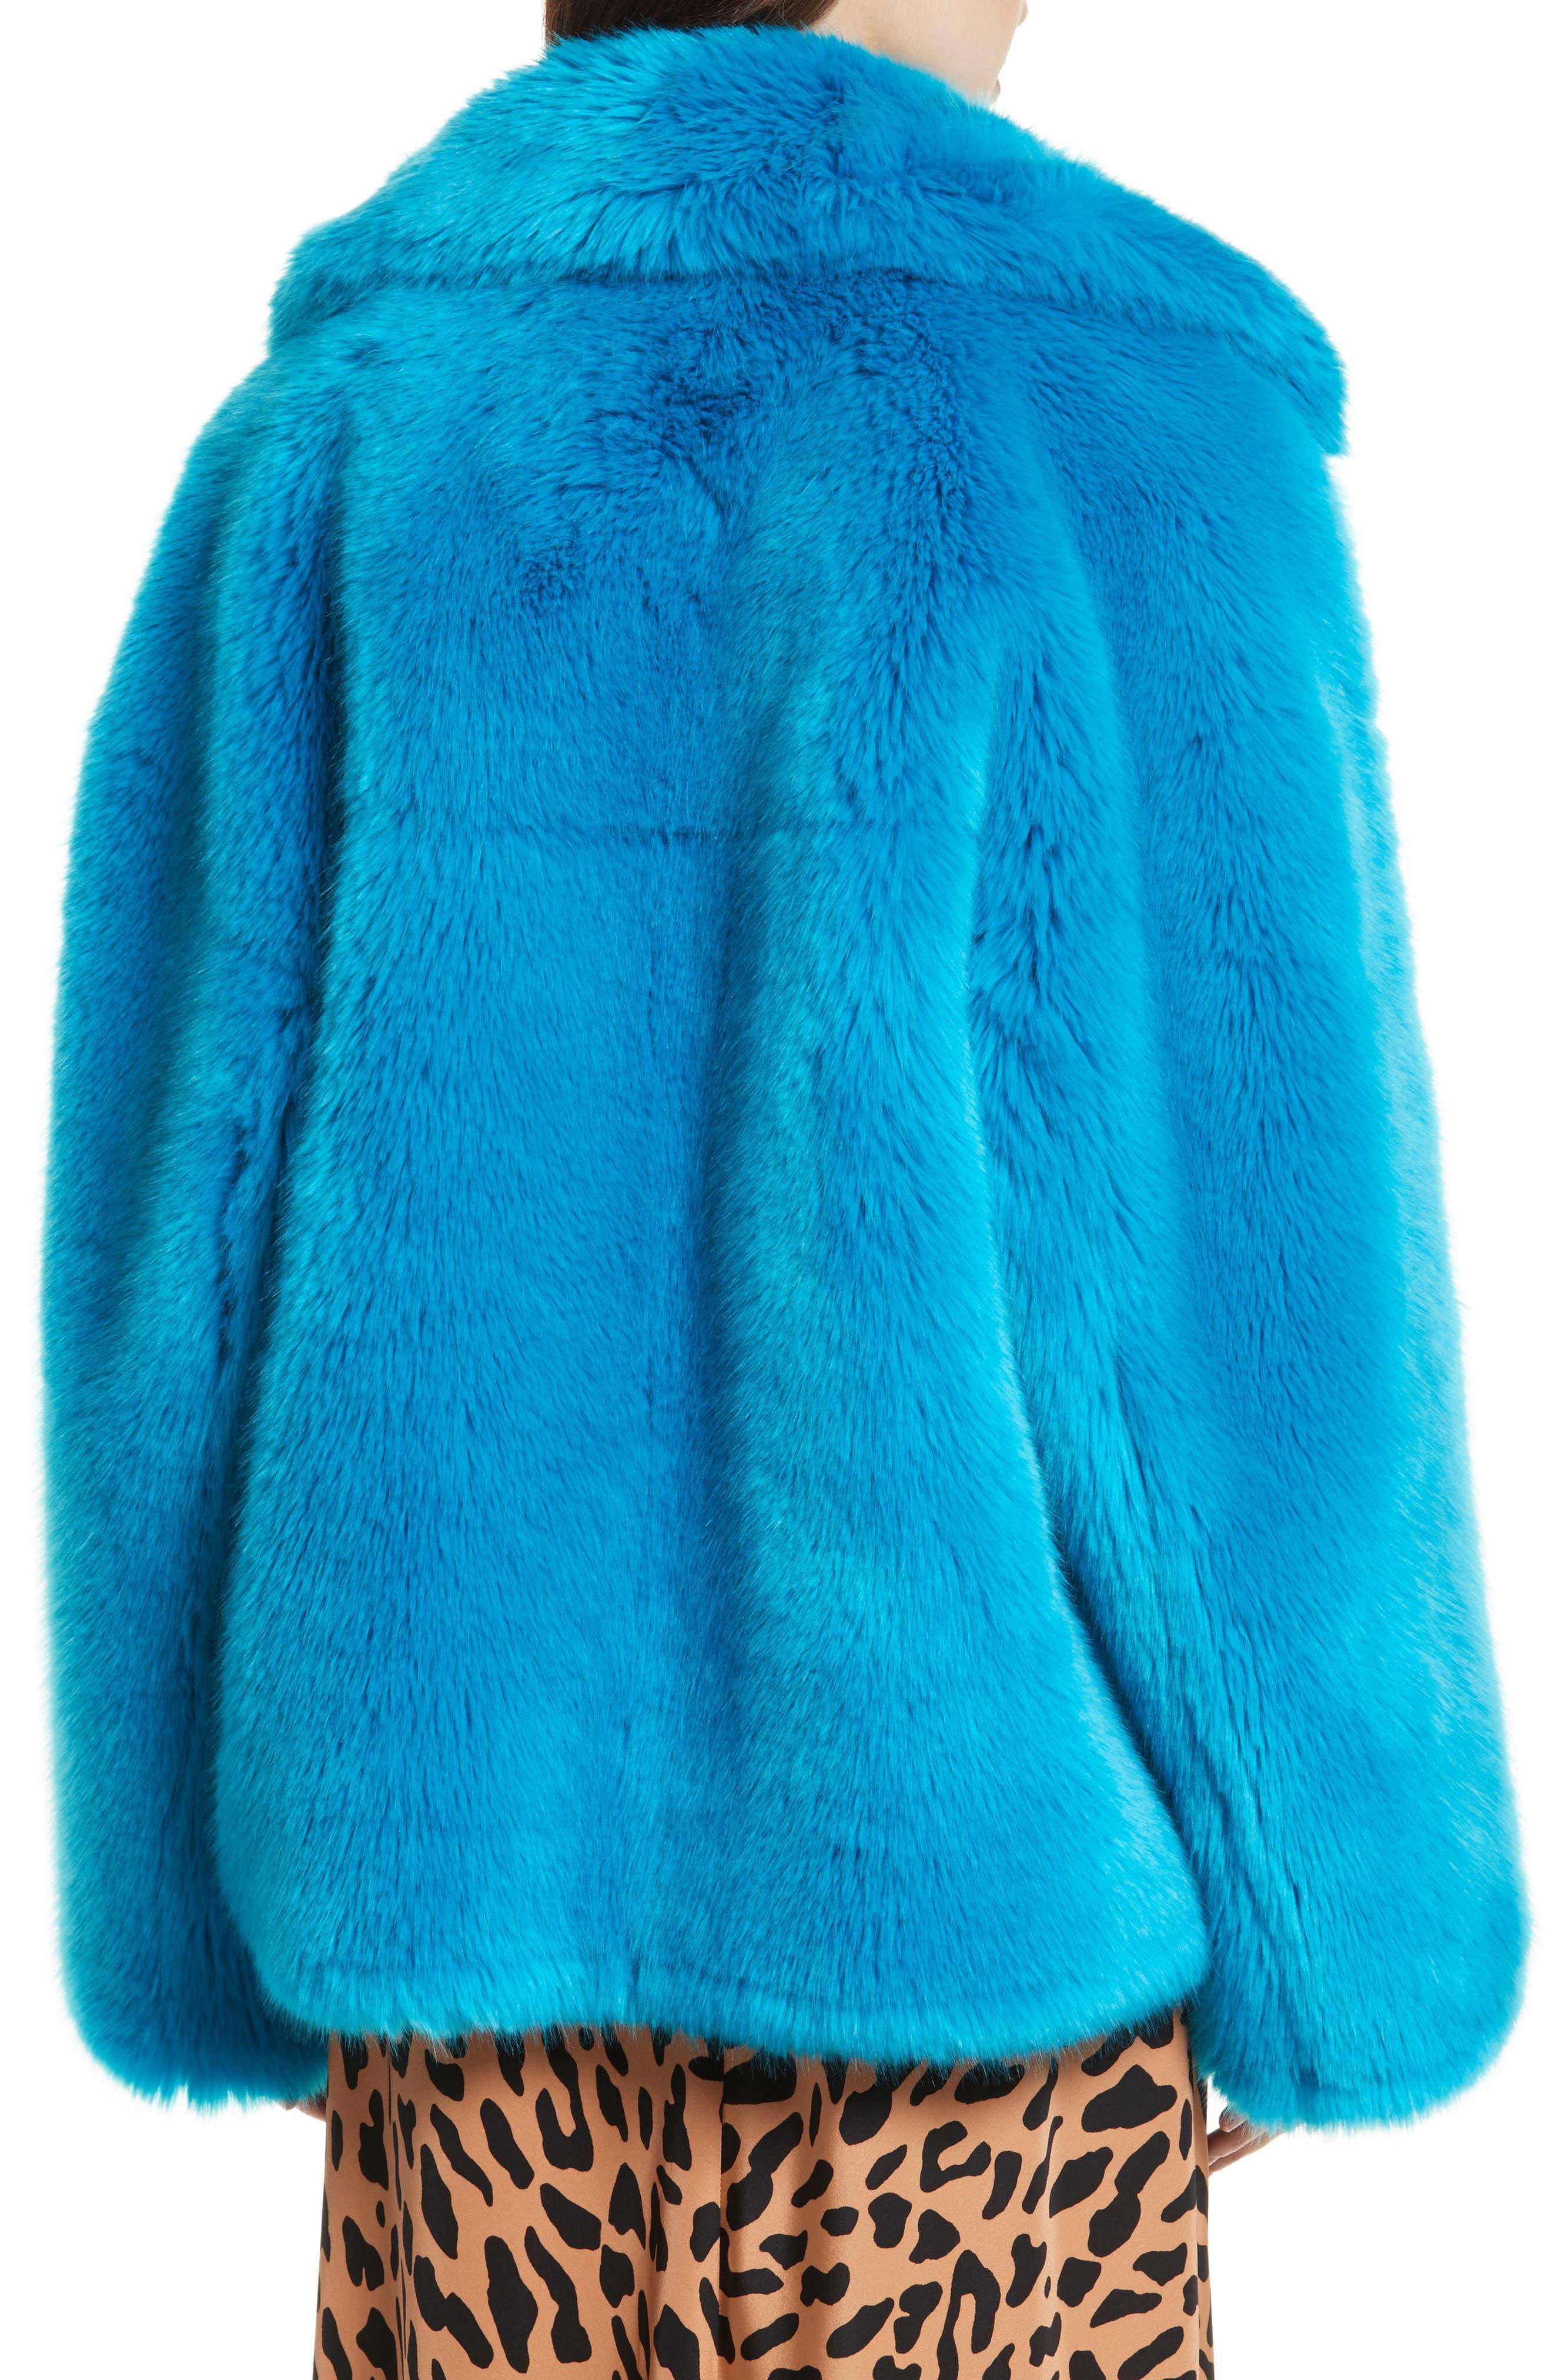 DIANE VON FURSTENBERG,                             Faux Fur Jacket,                             Alternate thumbnail 2, color,                             403